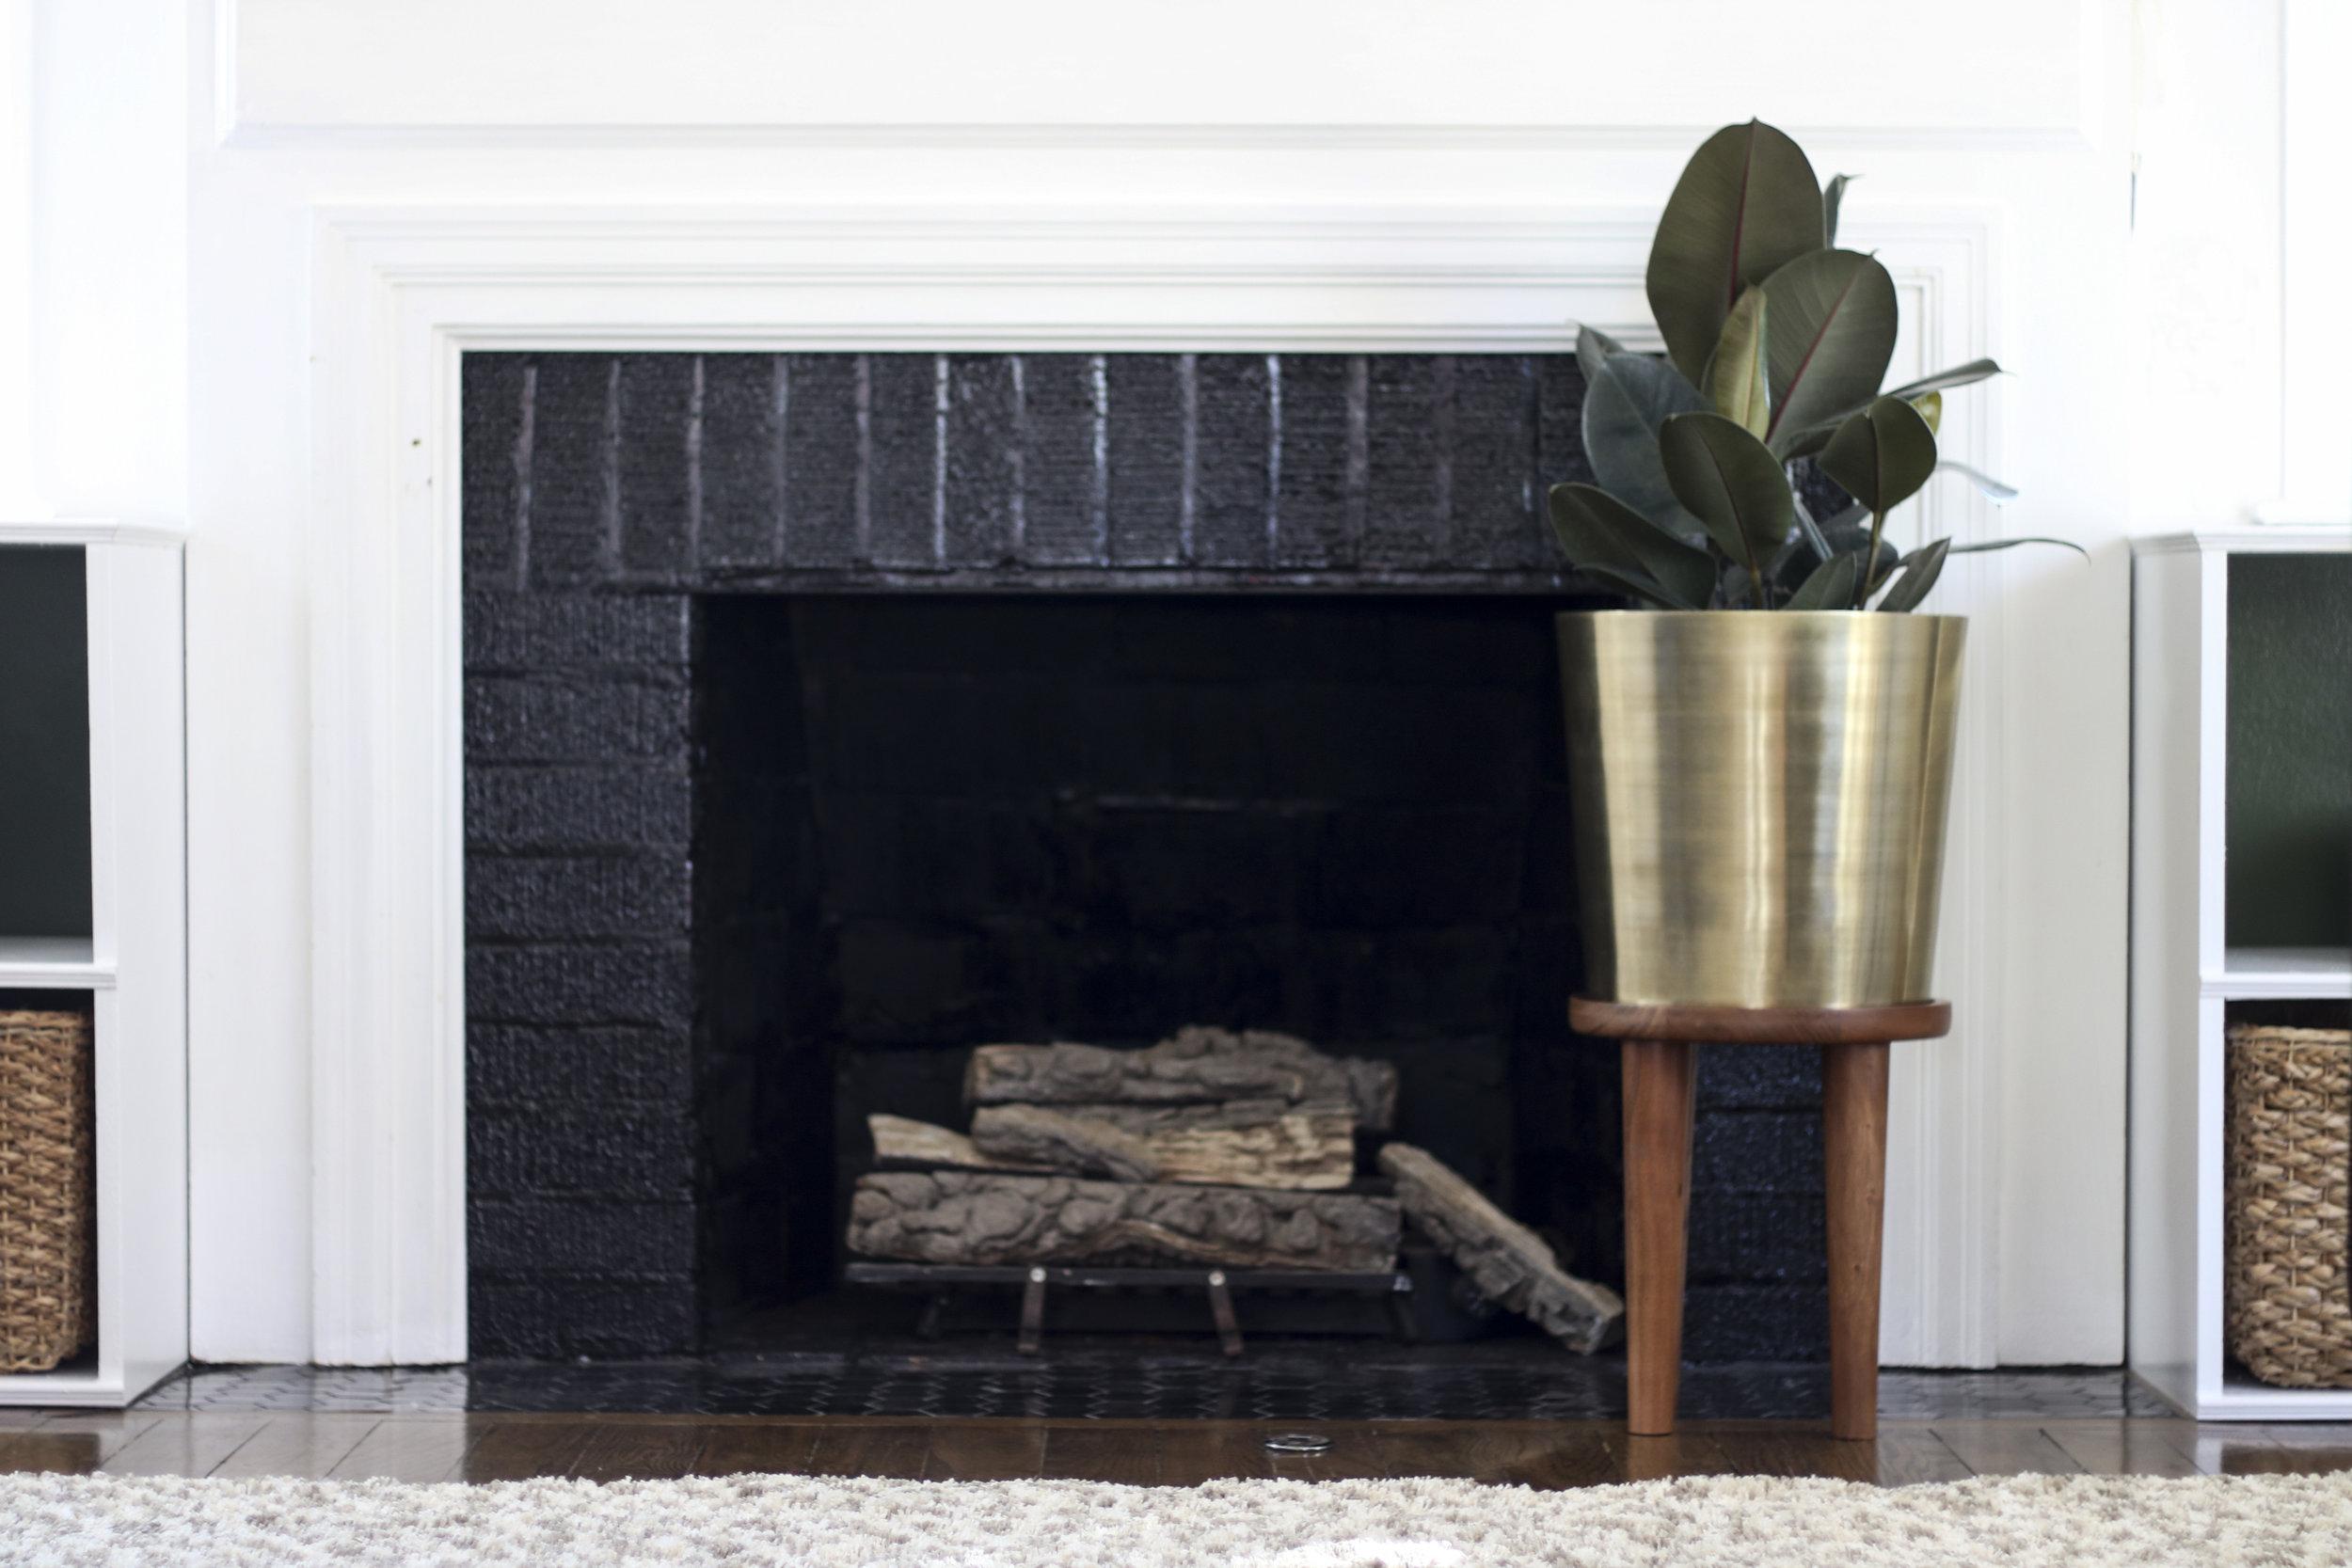 High Heat Paint  |  Planter